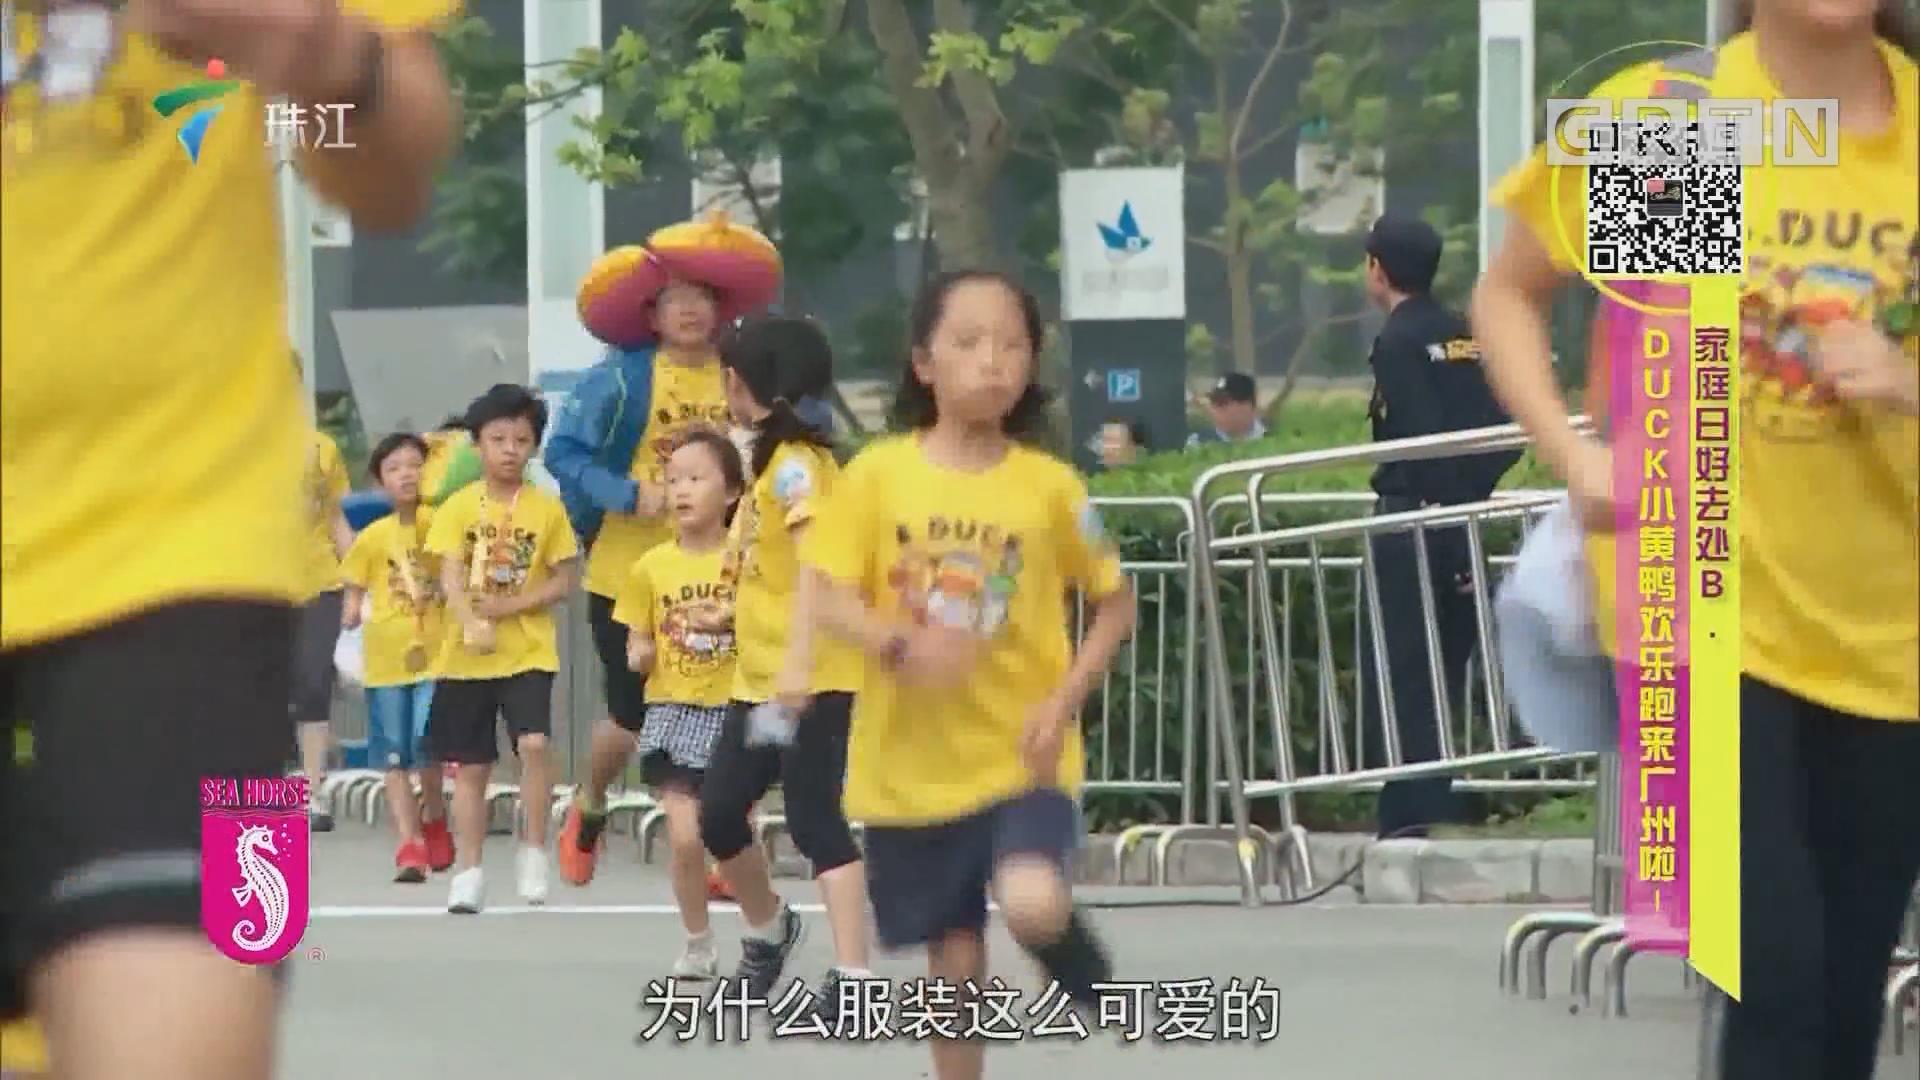 家庭日好去处B·DUCK小黄鸭欢乐跑来广州啦!